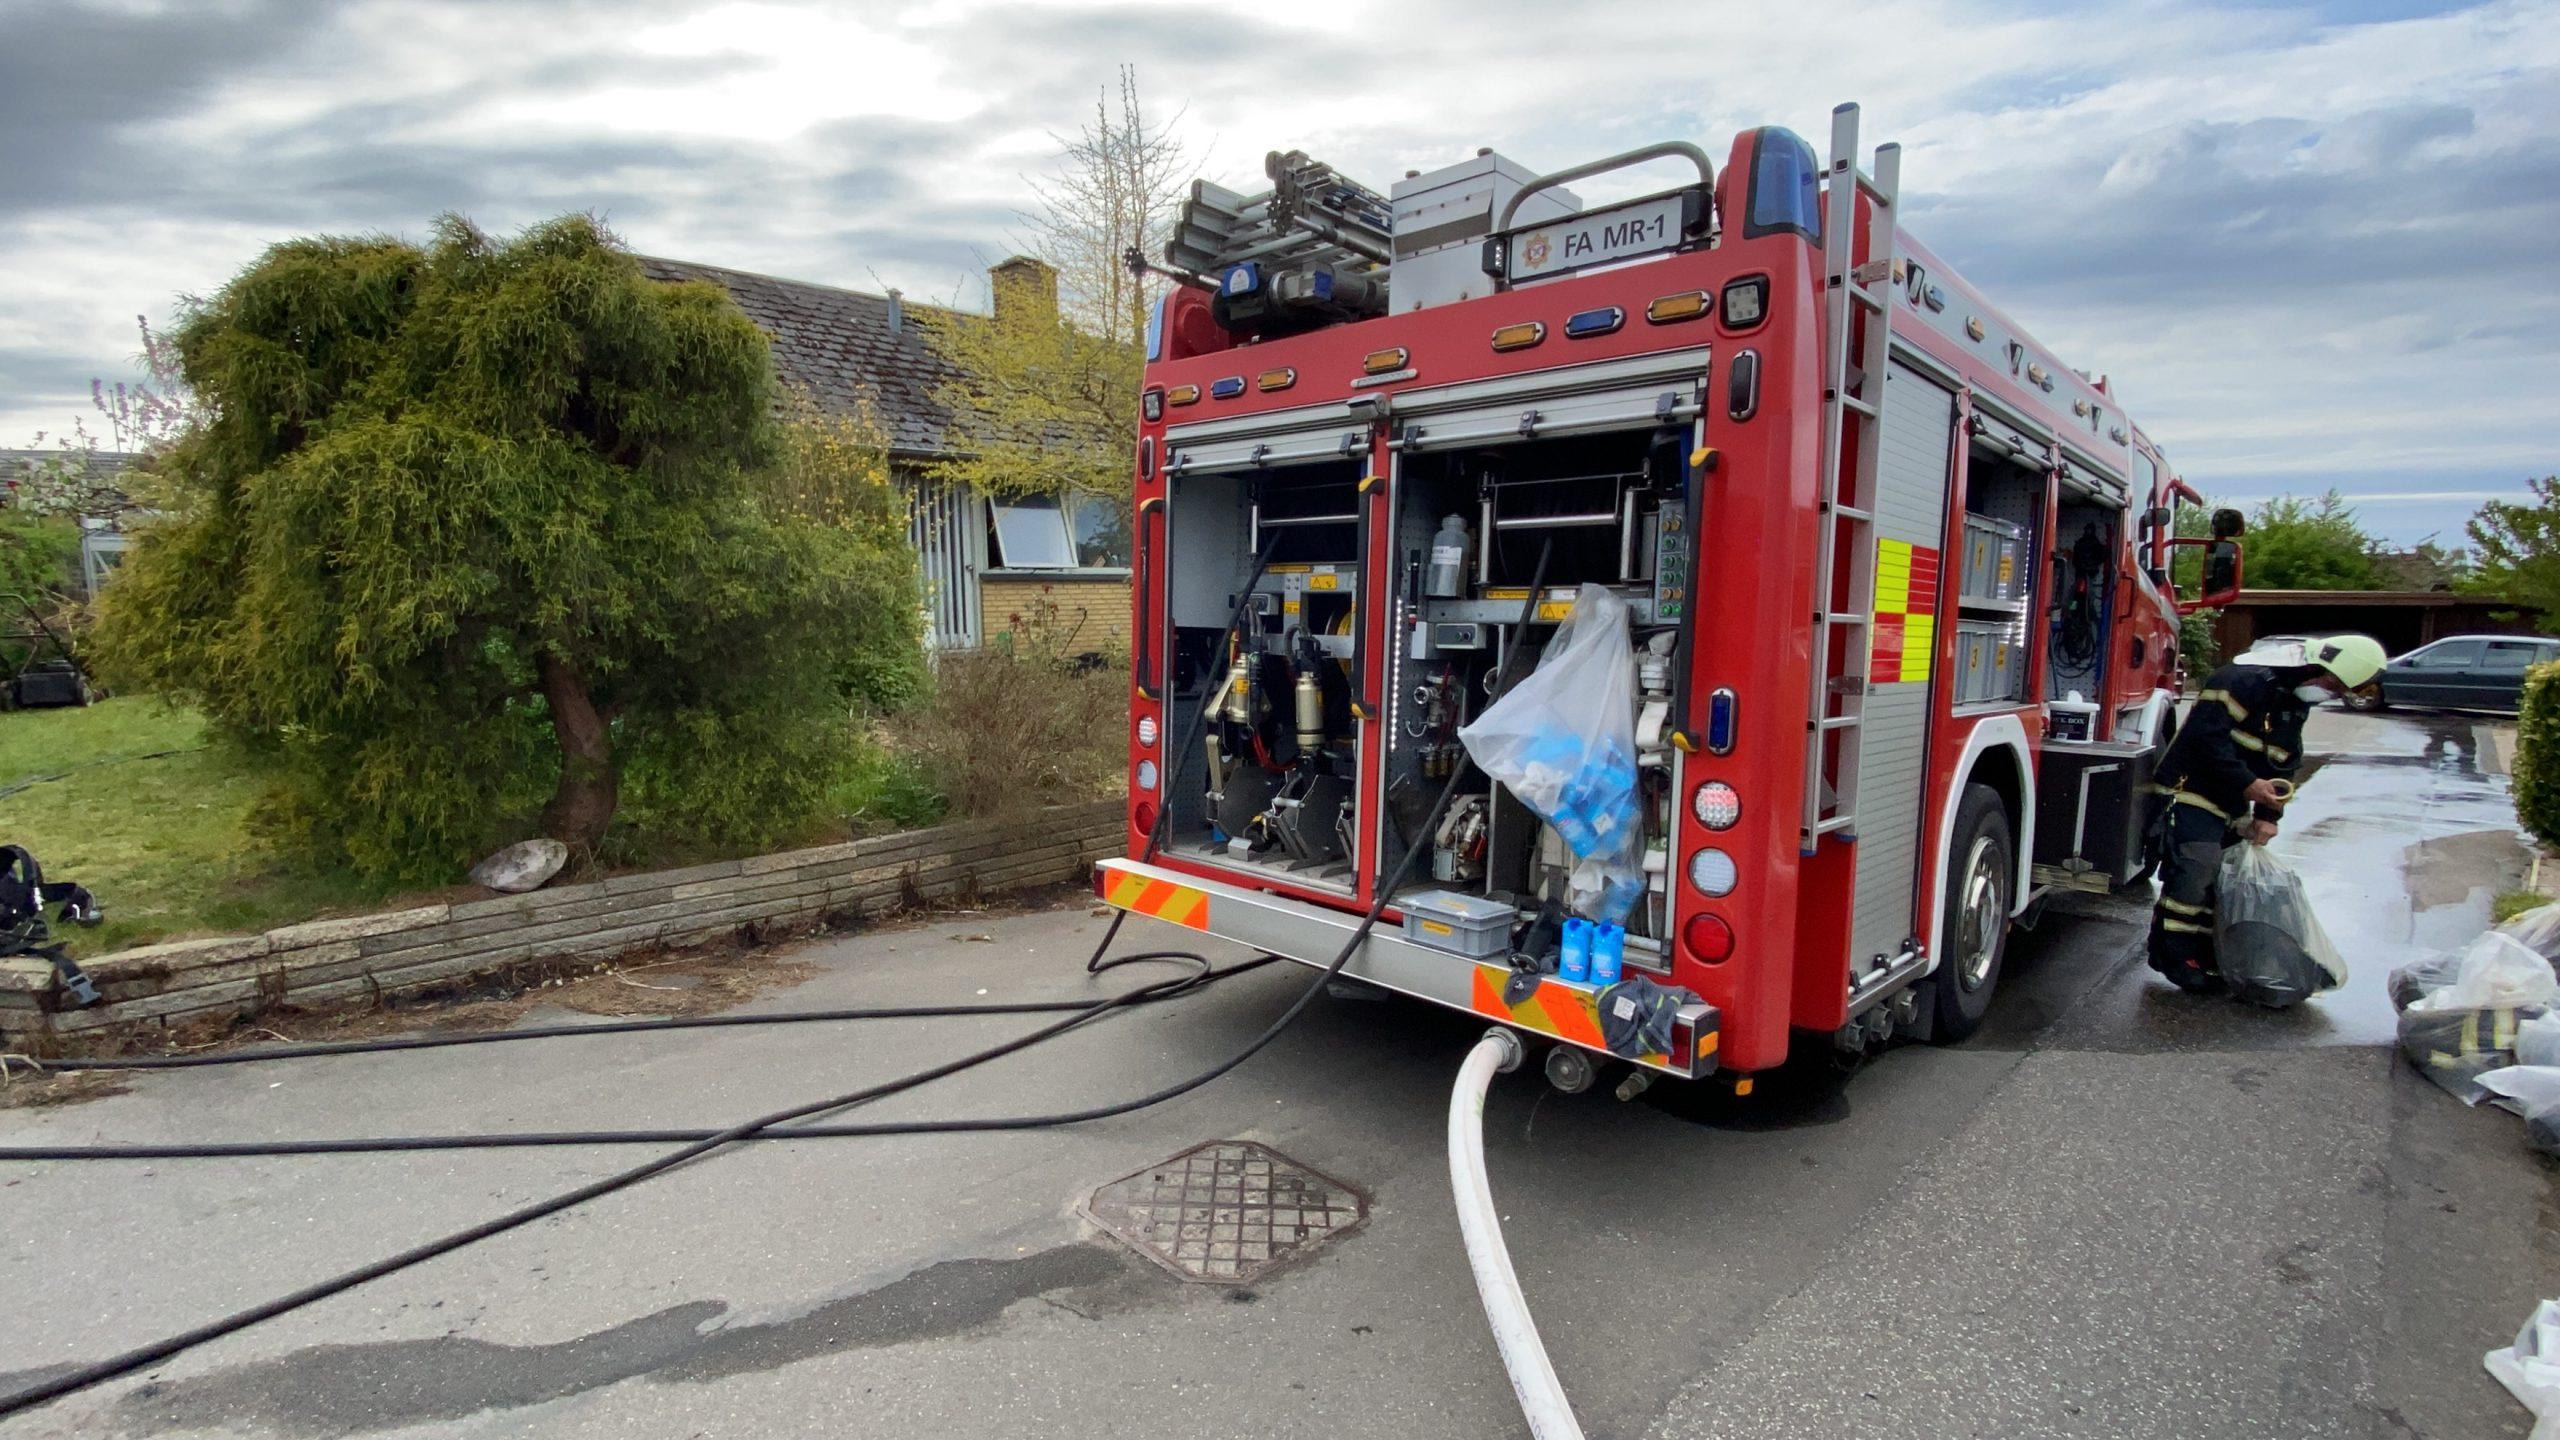 Ukrudtsbrænder satte ild  i villa ved Trelde